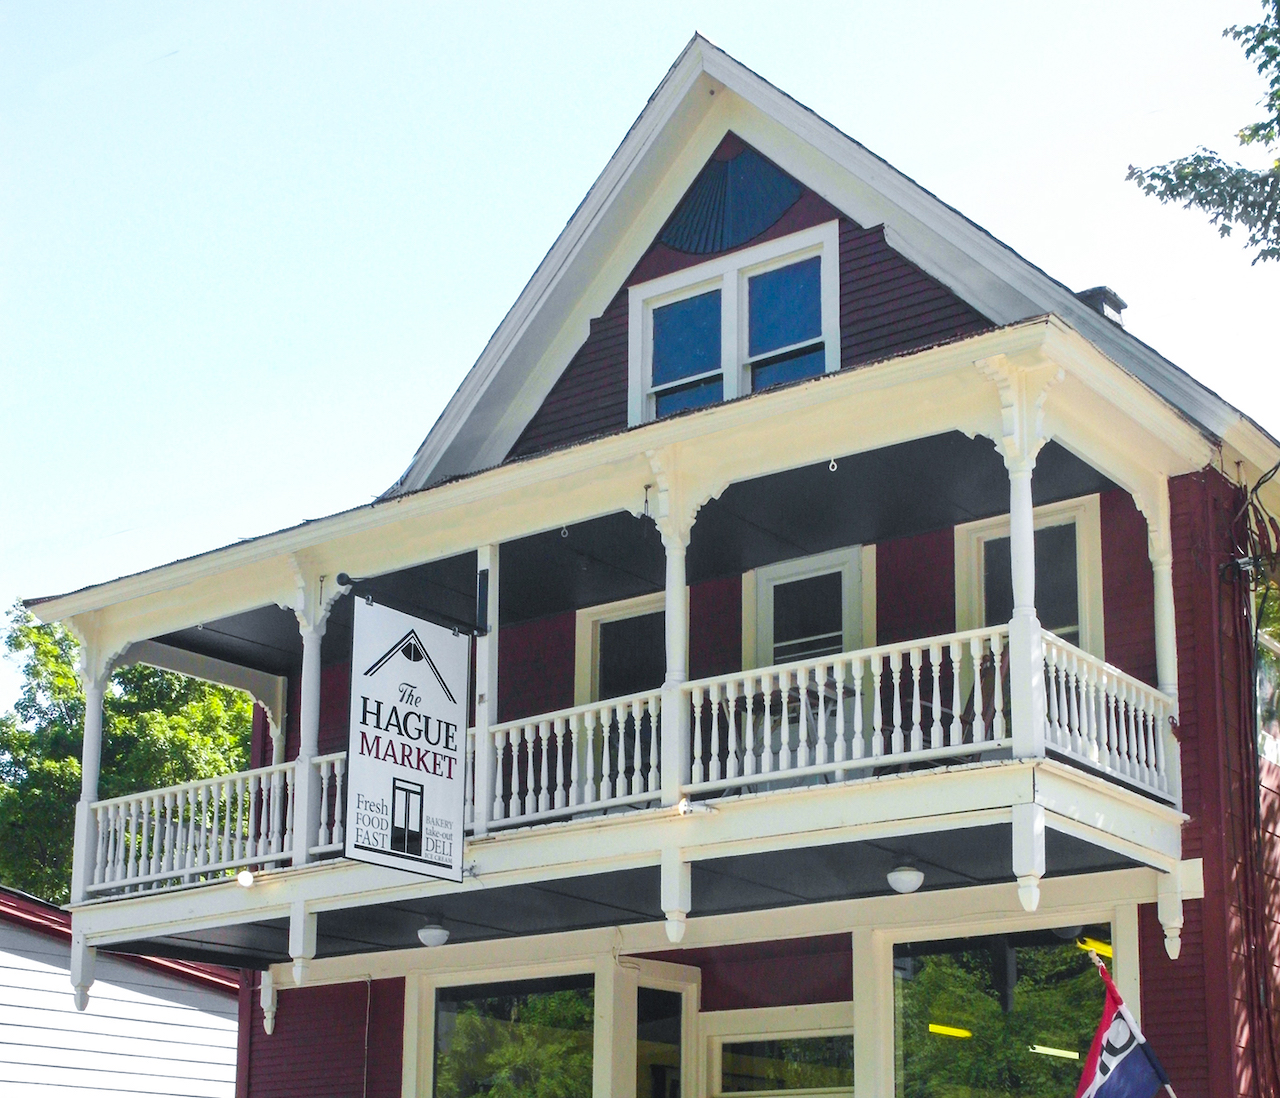 - The New Hague Market9844 Graphite Mountain RoadHague, NY 12836518-543-6555